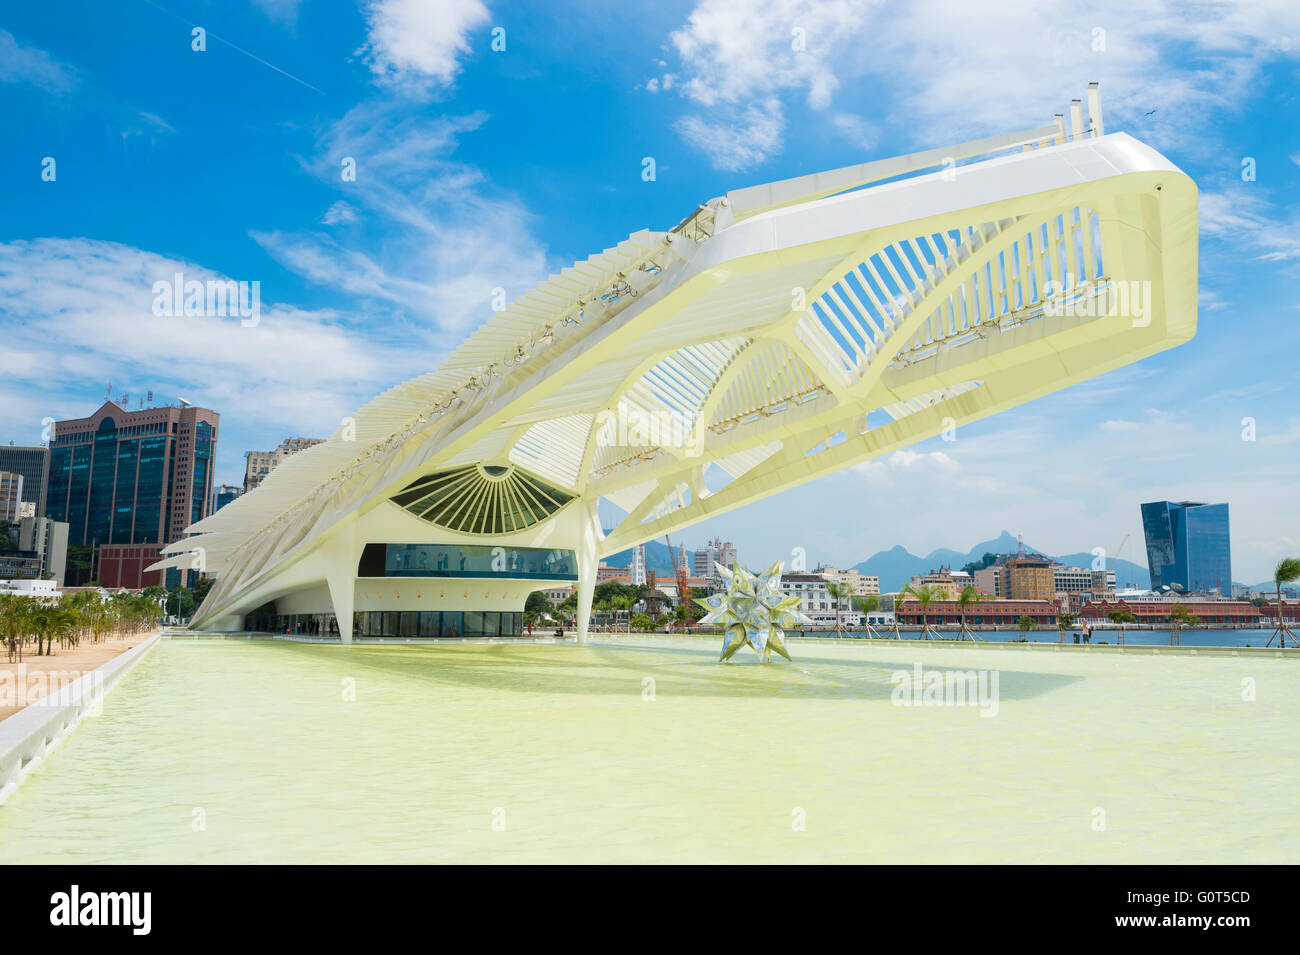 RIO DE JANEIRO - FEBRUARY 25, 2016: The distinctive neofuturist profile of the Museu do Amanhã (Museum of Tomorrow). - Stock Image